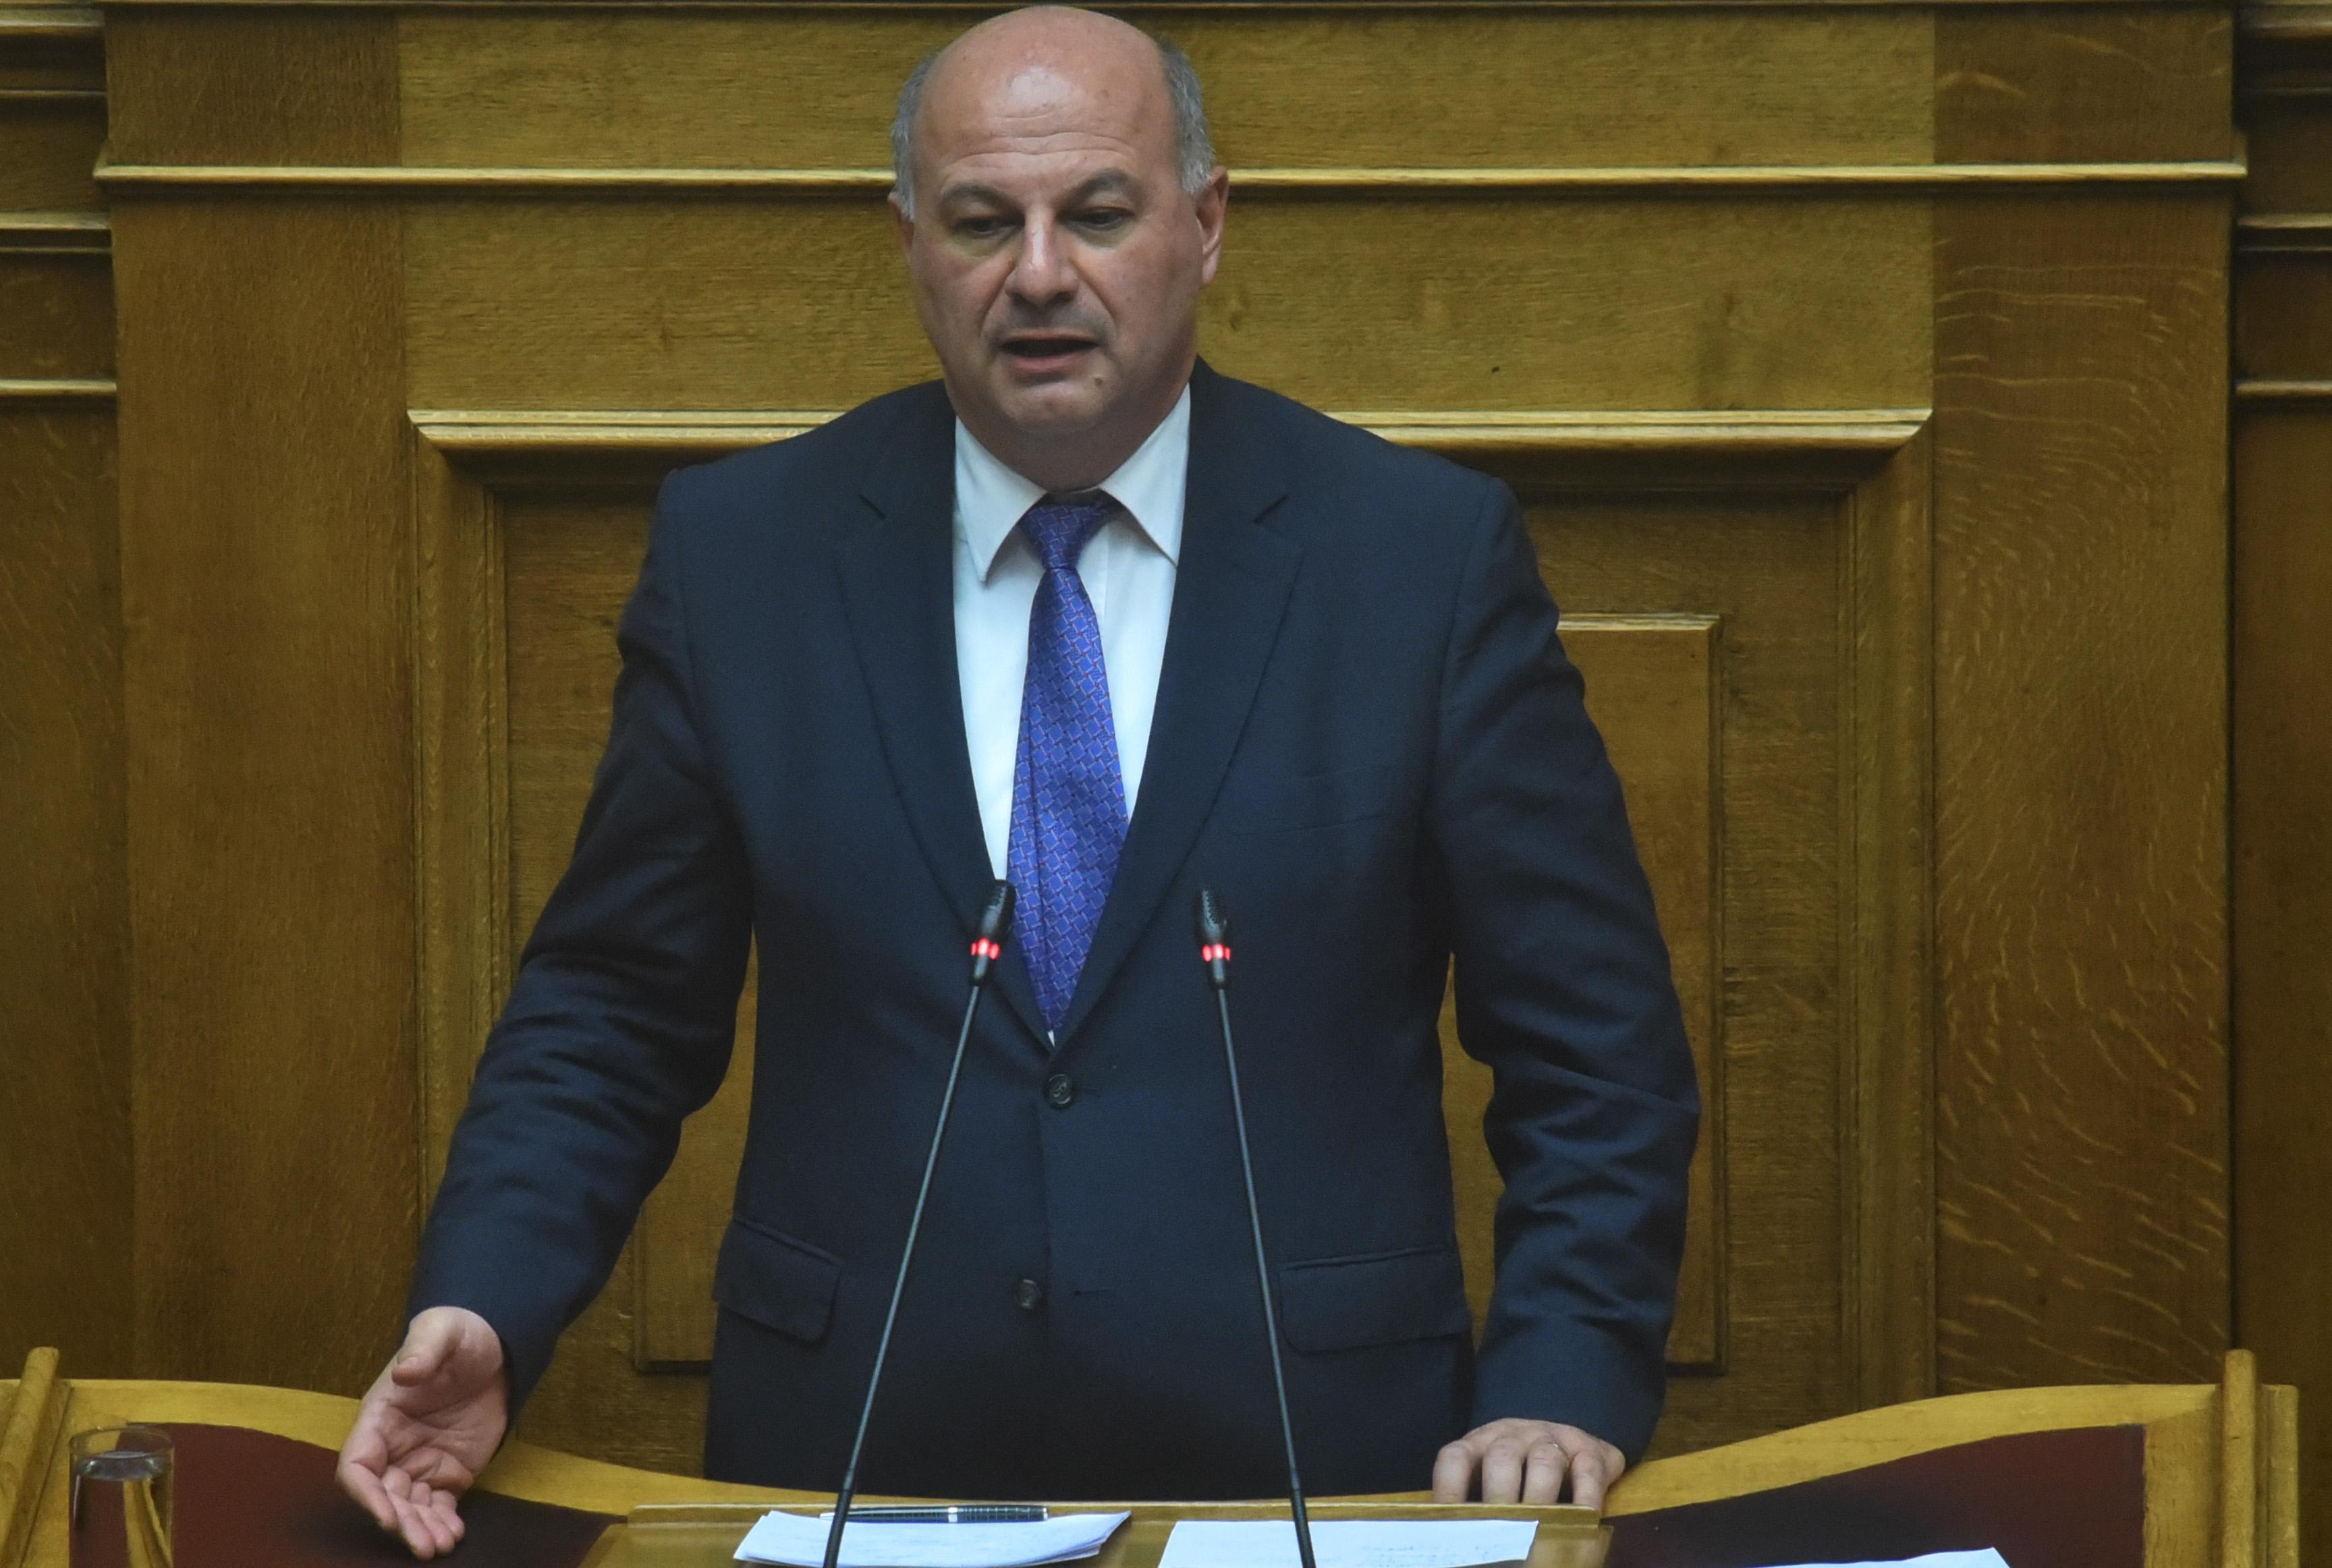 Βουλή: Ψηφίστηκε ο νέος Ποινικός Κώδικας – Τσιάρας σε ΣΥΡΙΖΑ: Έχετε εκθέσει την χώρα